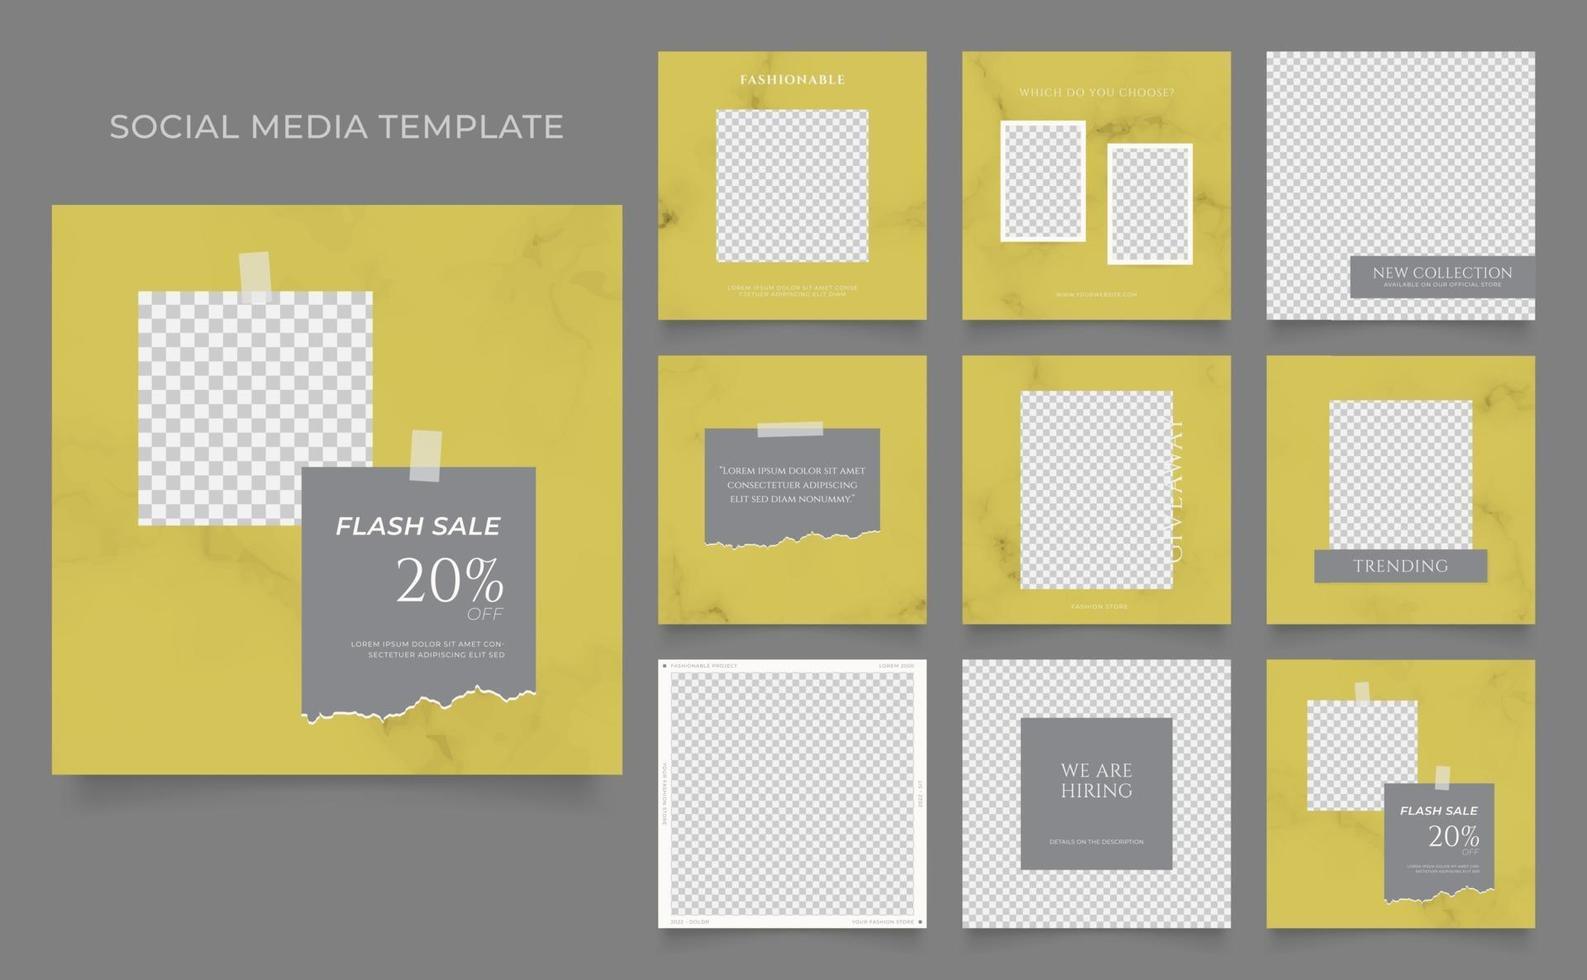 promotion de vente de mode de blog de bannière de modèle de médias sociaux. affiche de vente organique entièrement modifiable de puzzle de cadre de poteau carré. fond de marbre vecteur gris jaune